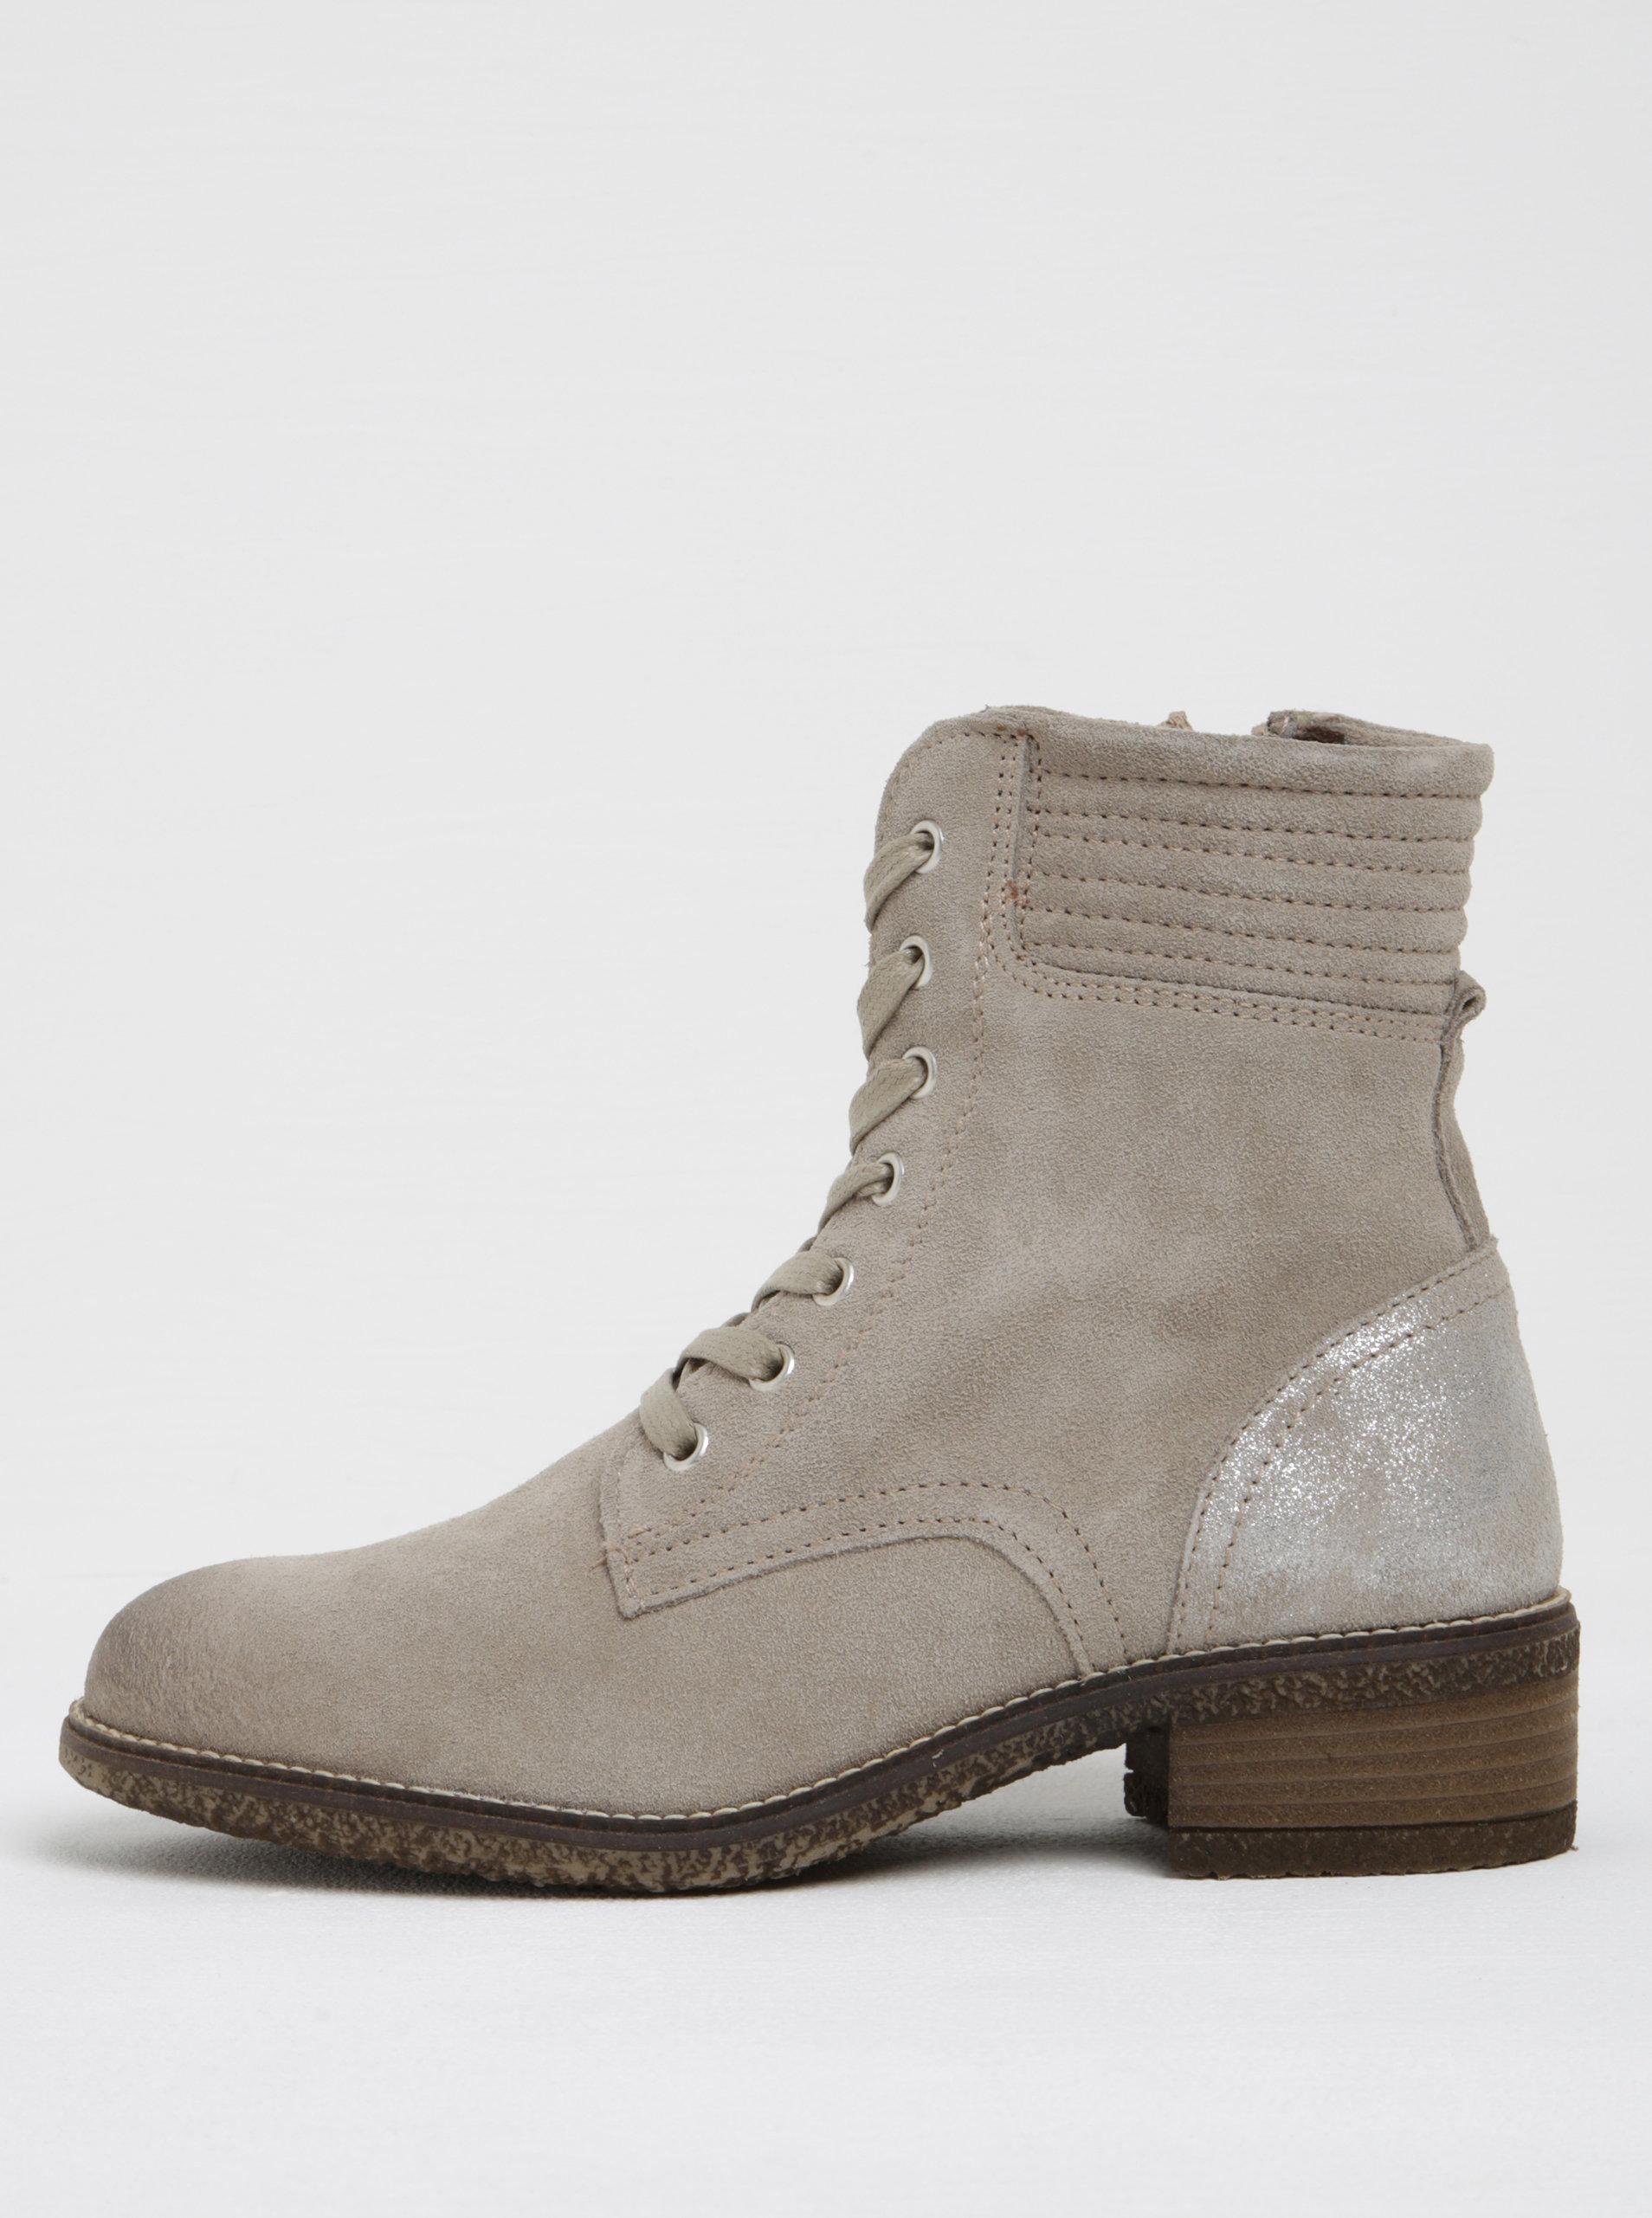 4a9643d6d4dc Béžové semišové členkové topánky s metalickou pätou Tamaris ...